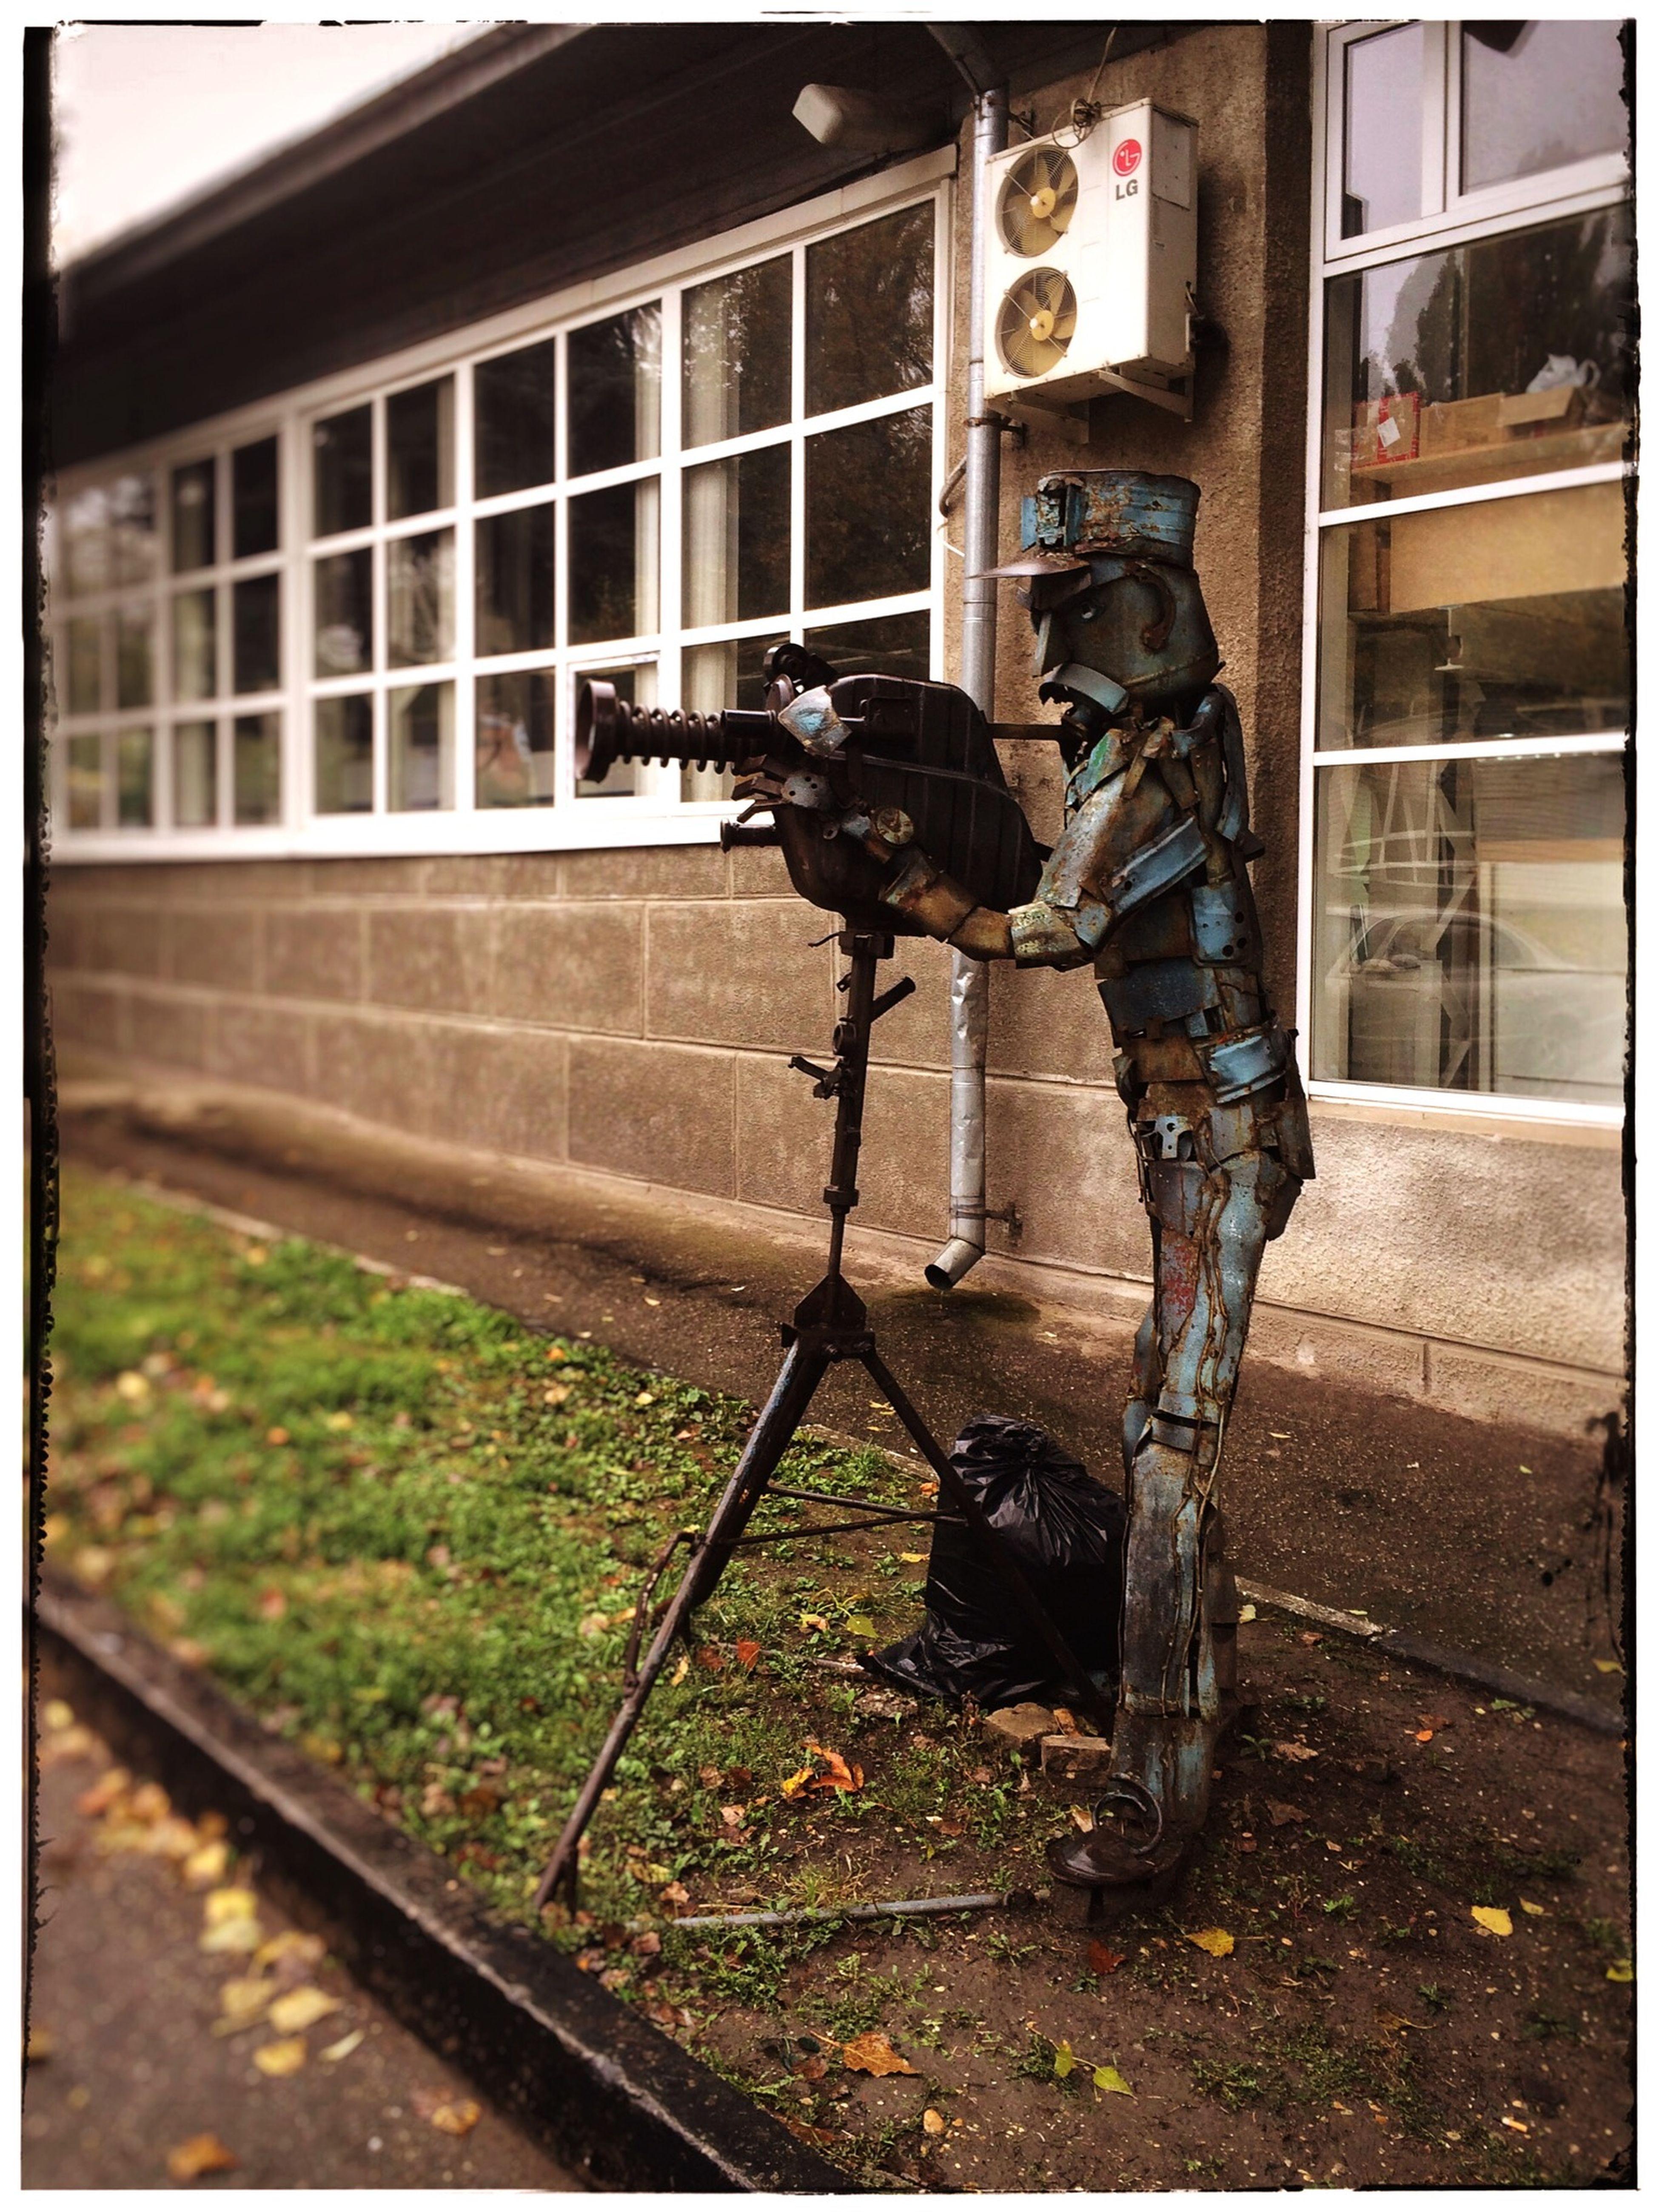 из архива Russia Россия Pyatigorsk Пятигорск Streetphoto Tilt Shift From Archive кинооператор